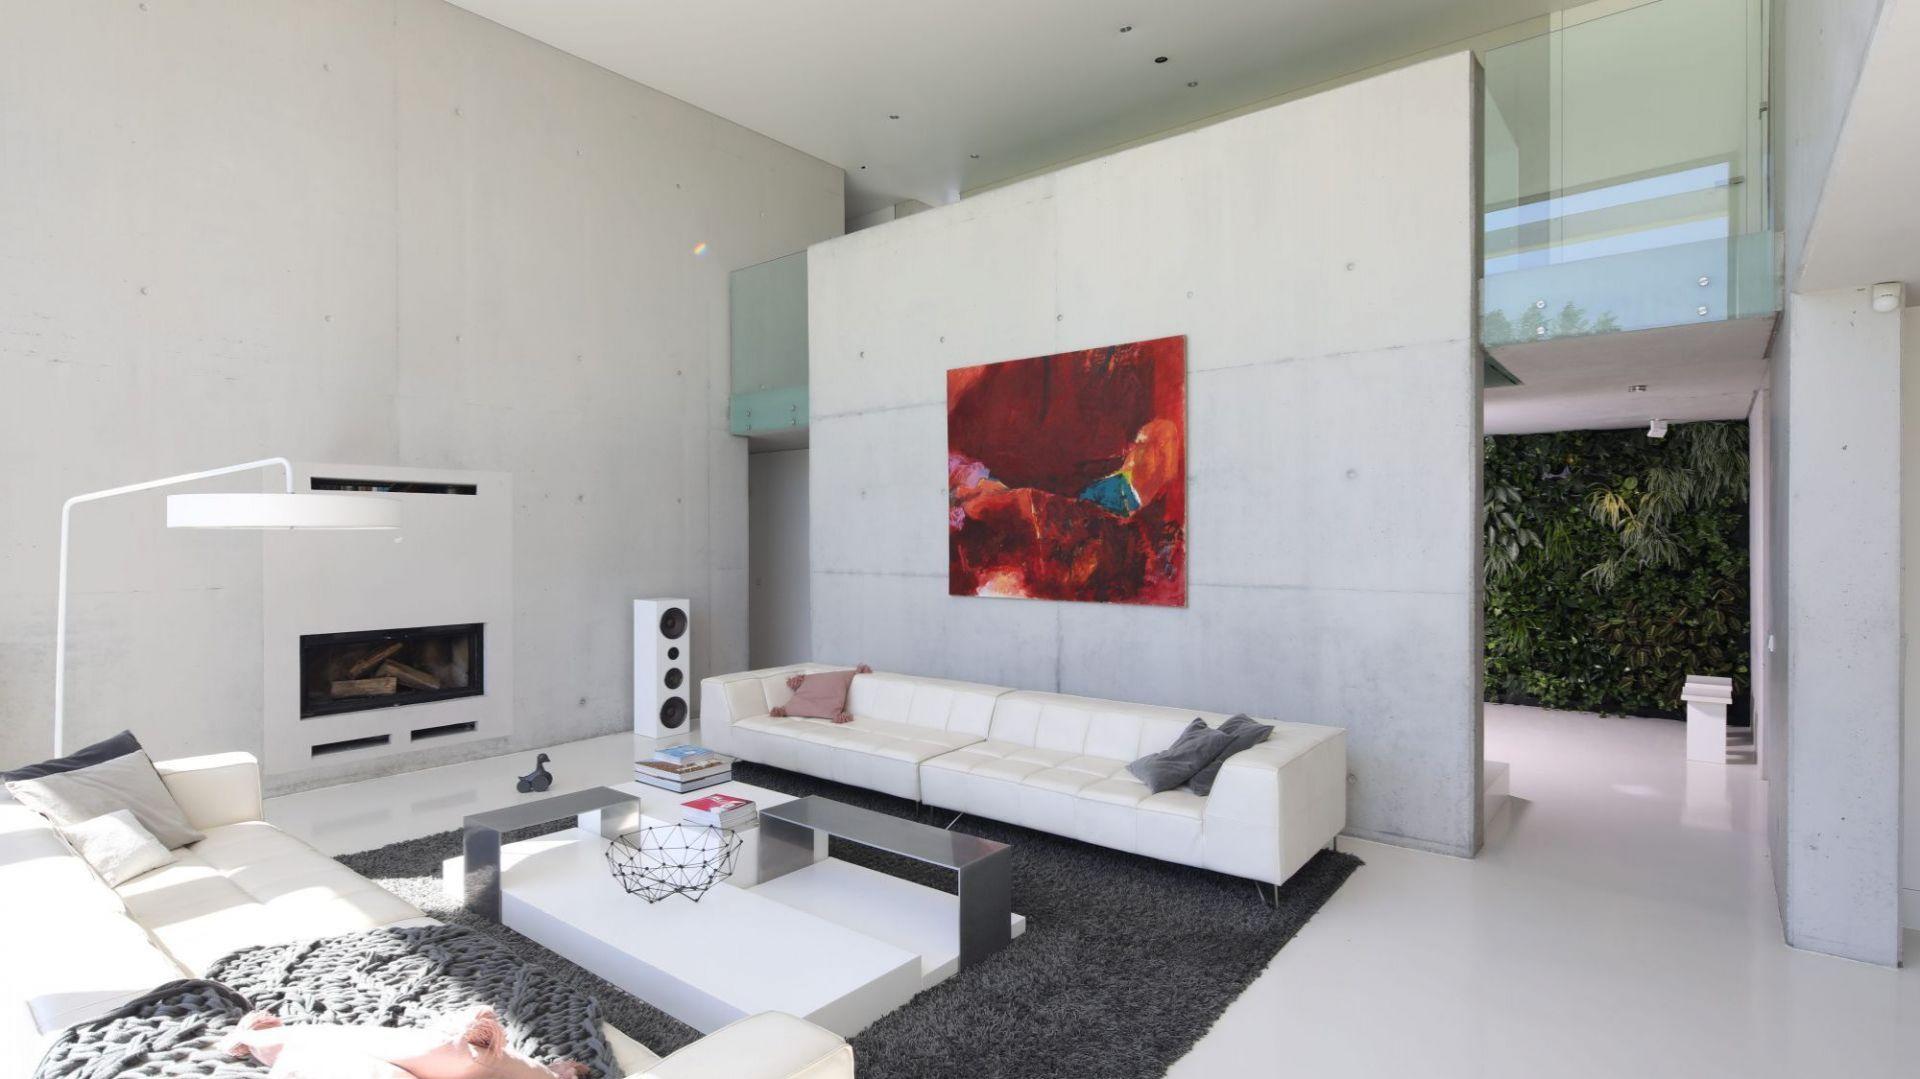 """W tym salonie beton jest jednocześnie elementem konstrukcyjnym i dekoracyjnym. Architekci i właściciele zarazem cenią sobie """"szczerość"""" tego materiału, pozwalającego wykonać solidną konstrukcję o dużej rozpiętości, która nie jest przytłaczająca i przy tym wspaniale się prezentuje. Projekt: Hanna i Seweryn Nogalscy. Fot. Bartosz Jarosz"""